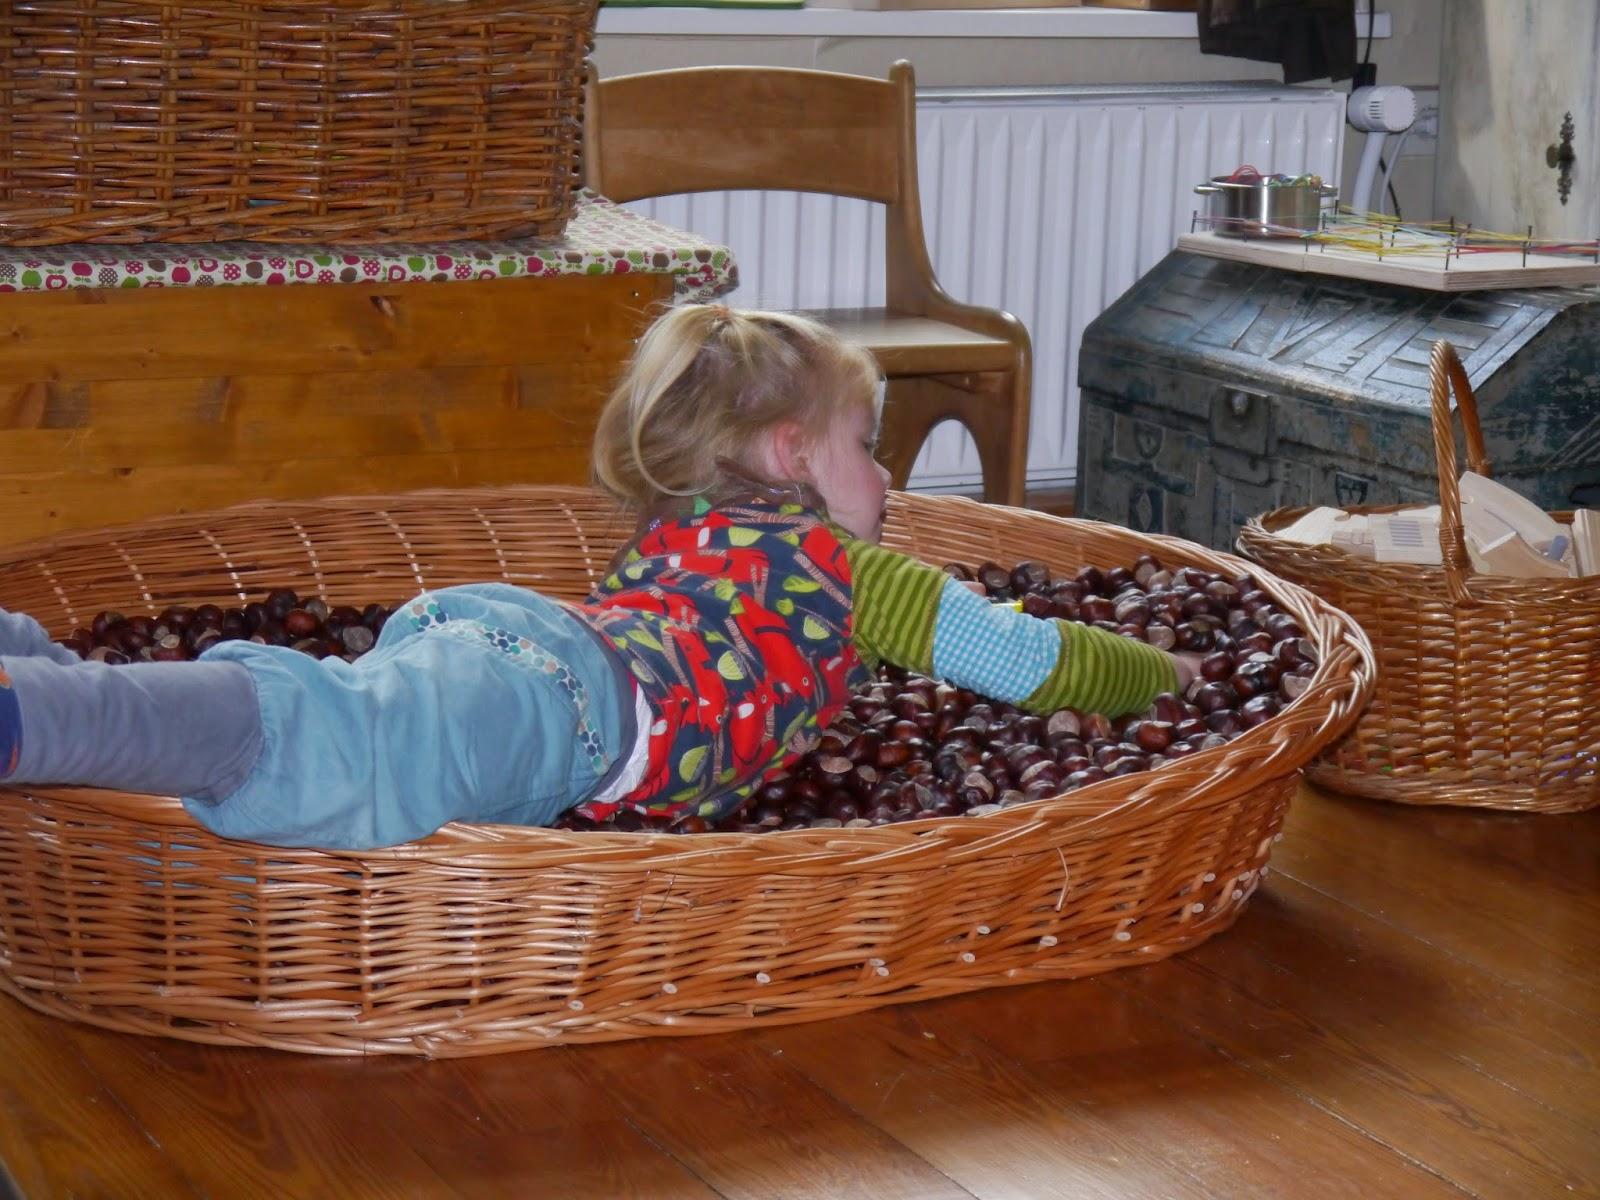 die weltenbauer unser kastanienbad. Black Bedroom Furniture Sets. Home Design Ideas